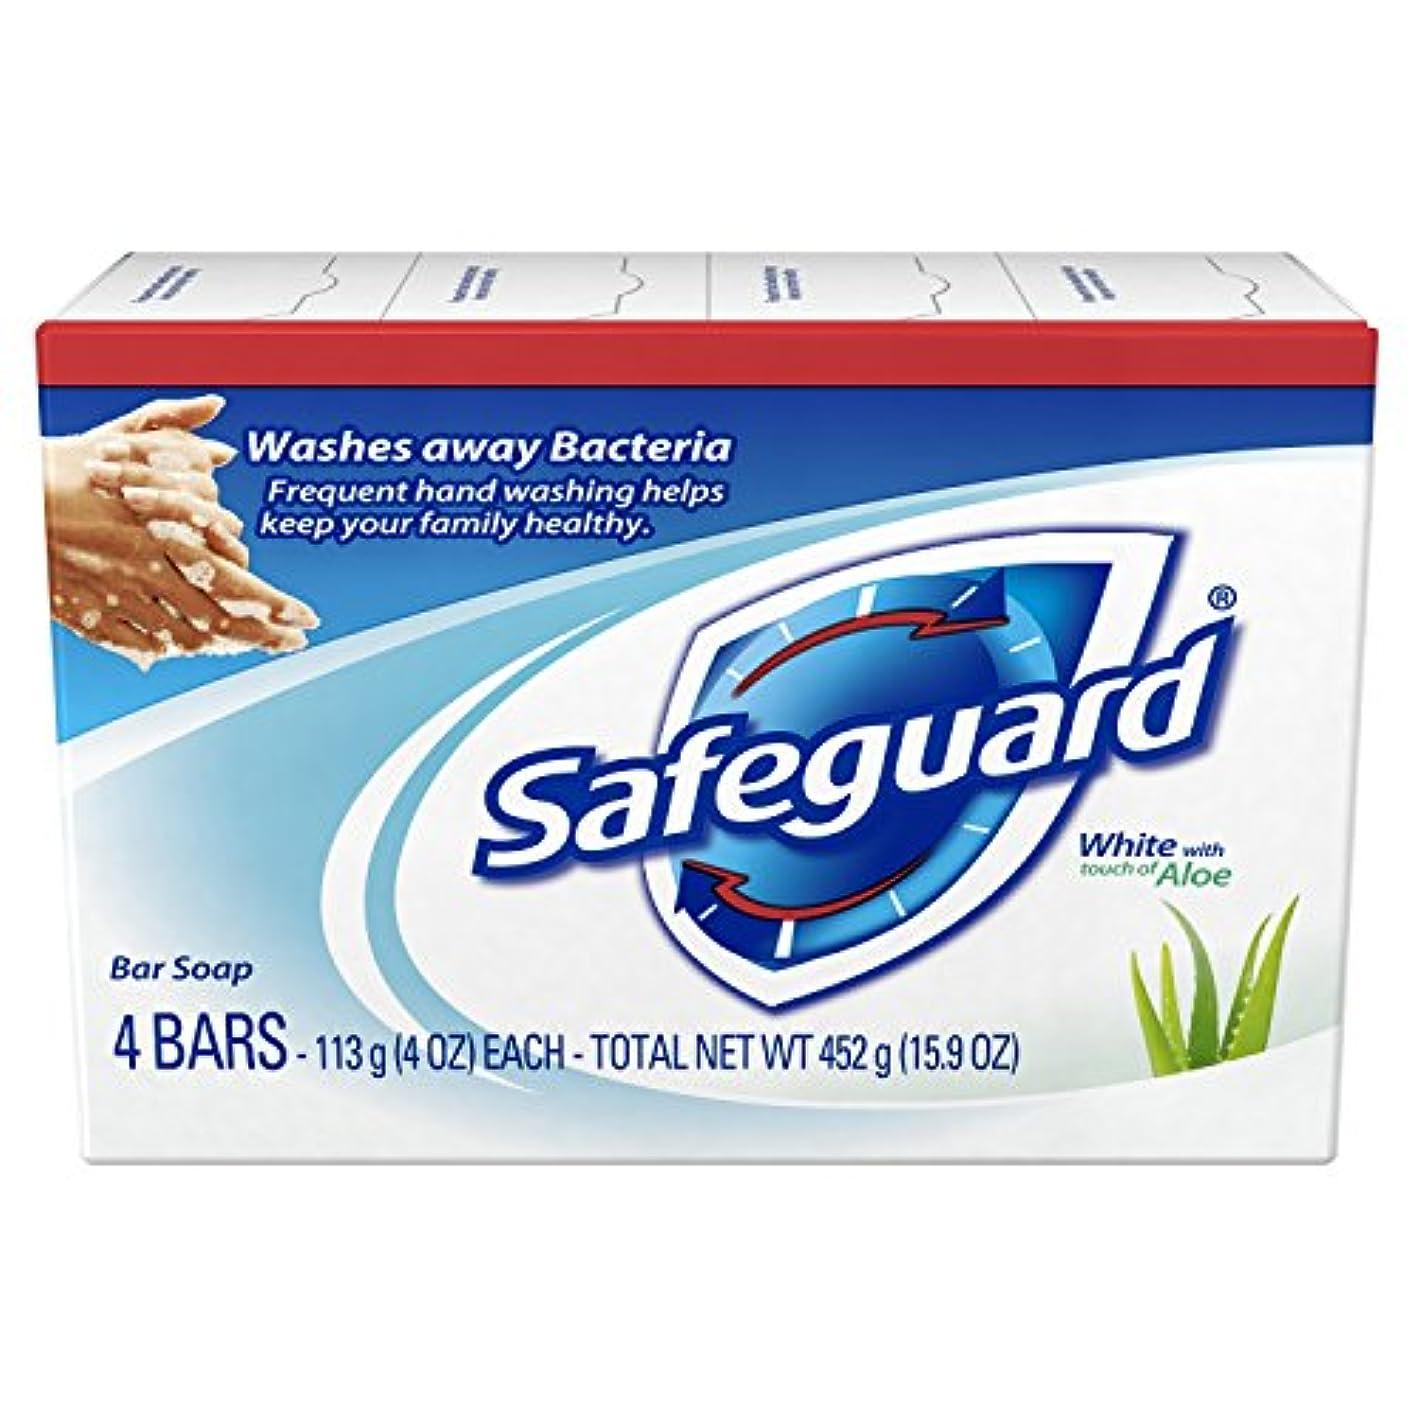 スペイン語くびれた容疑者Safeguard アロエ4オズバー、4EA(5パック)で抗菌消臭石鹸ホワイト 5パック